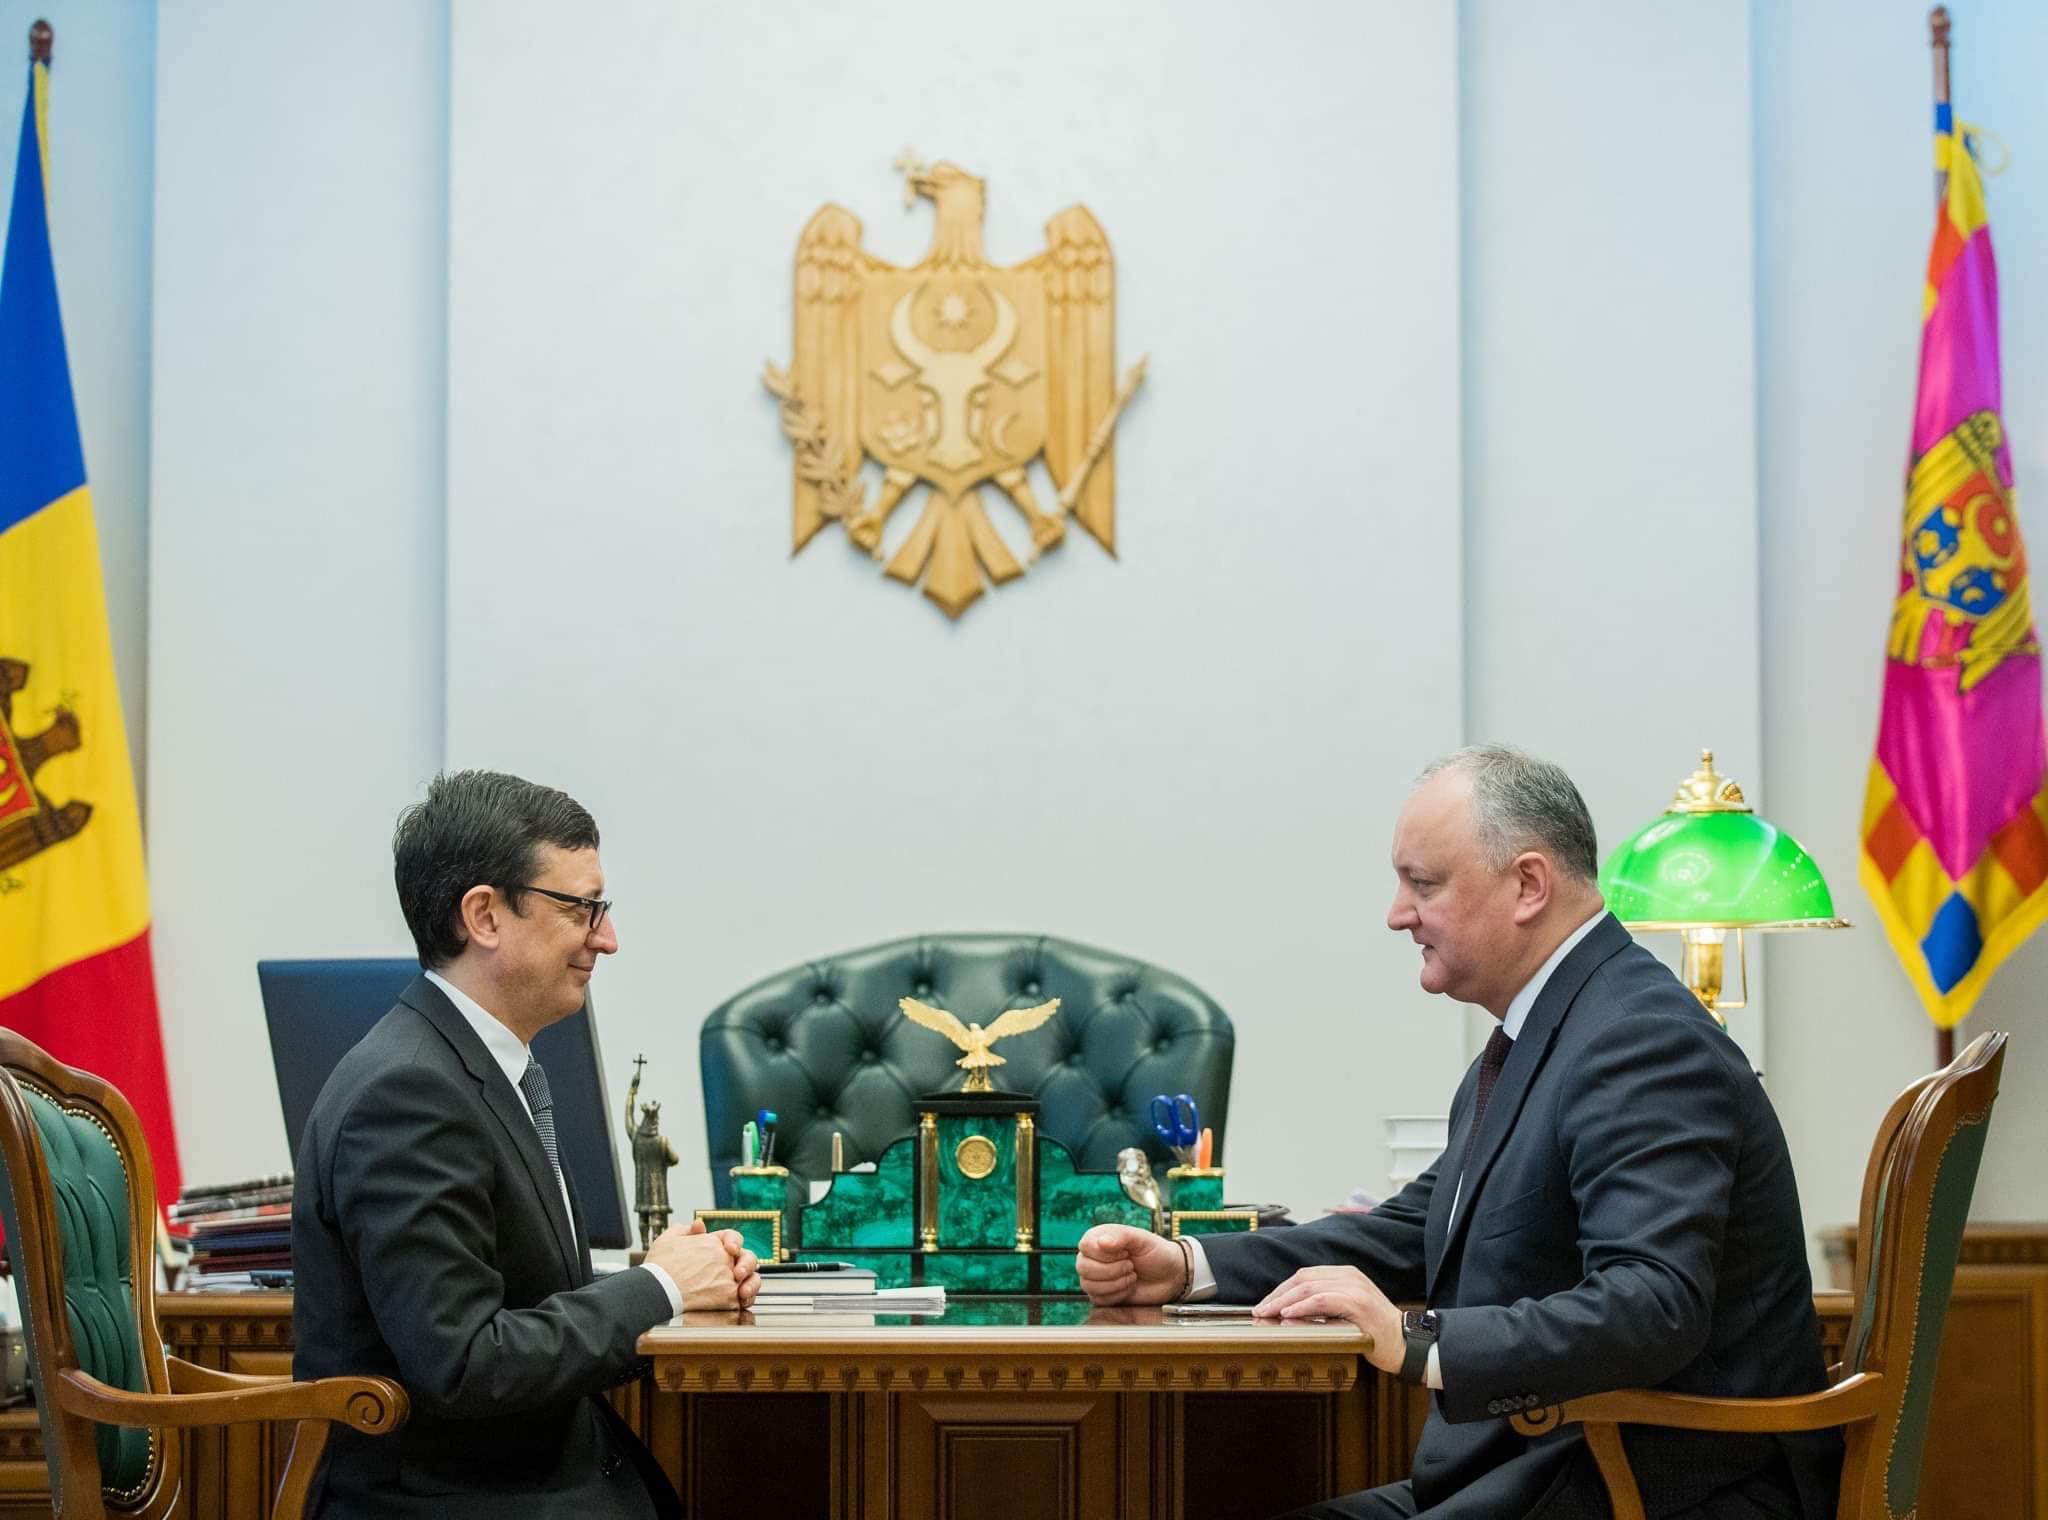 Президент обсудил с главой Нацбанка ситуацию в банковском секторе (ФОТО, ВИДЕО)